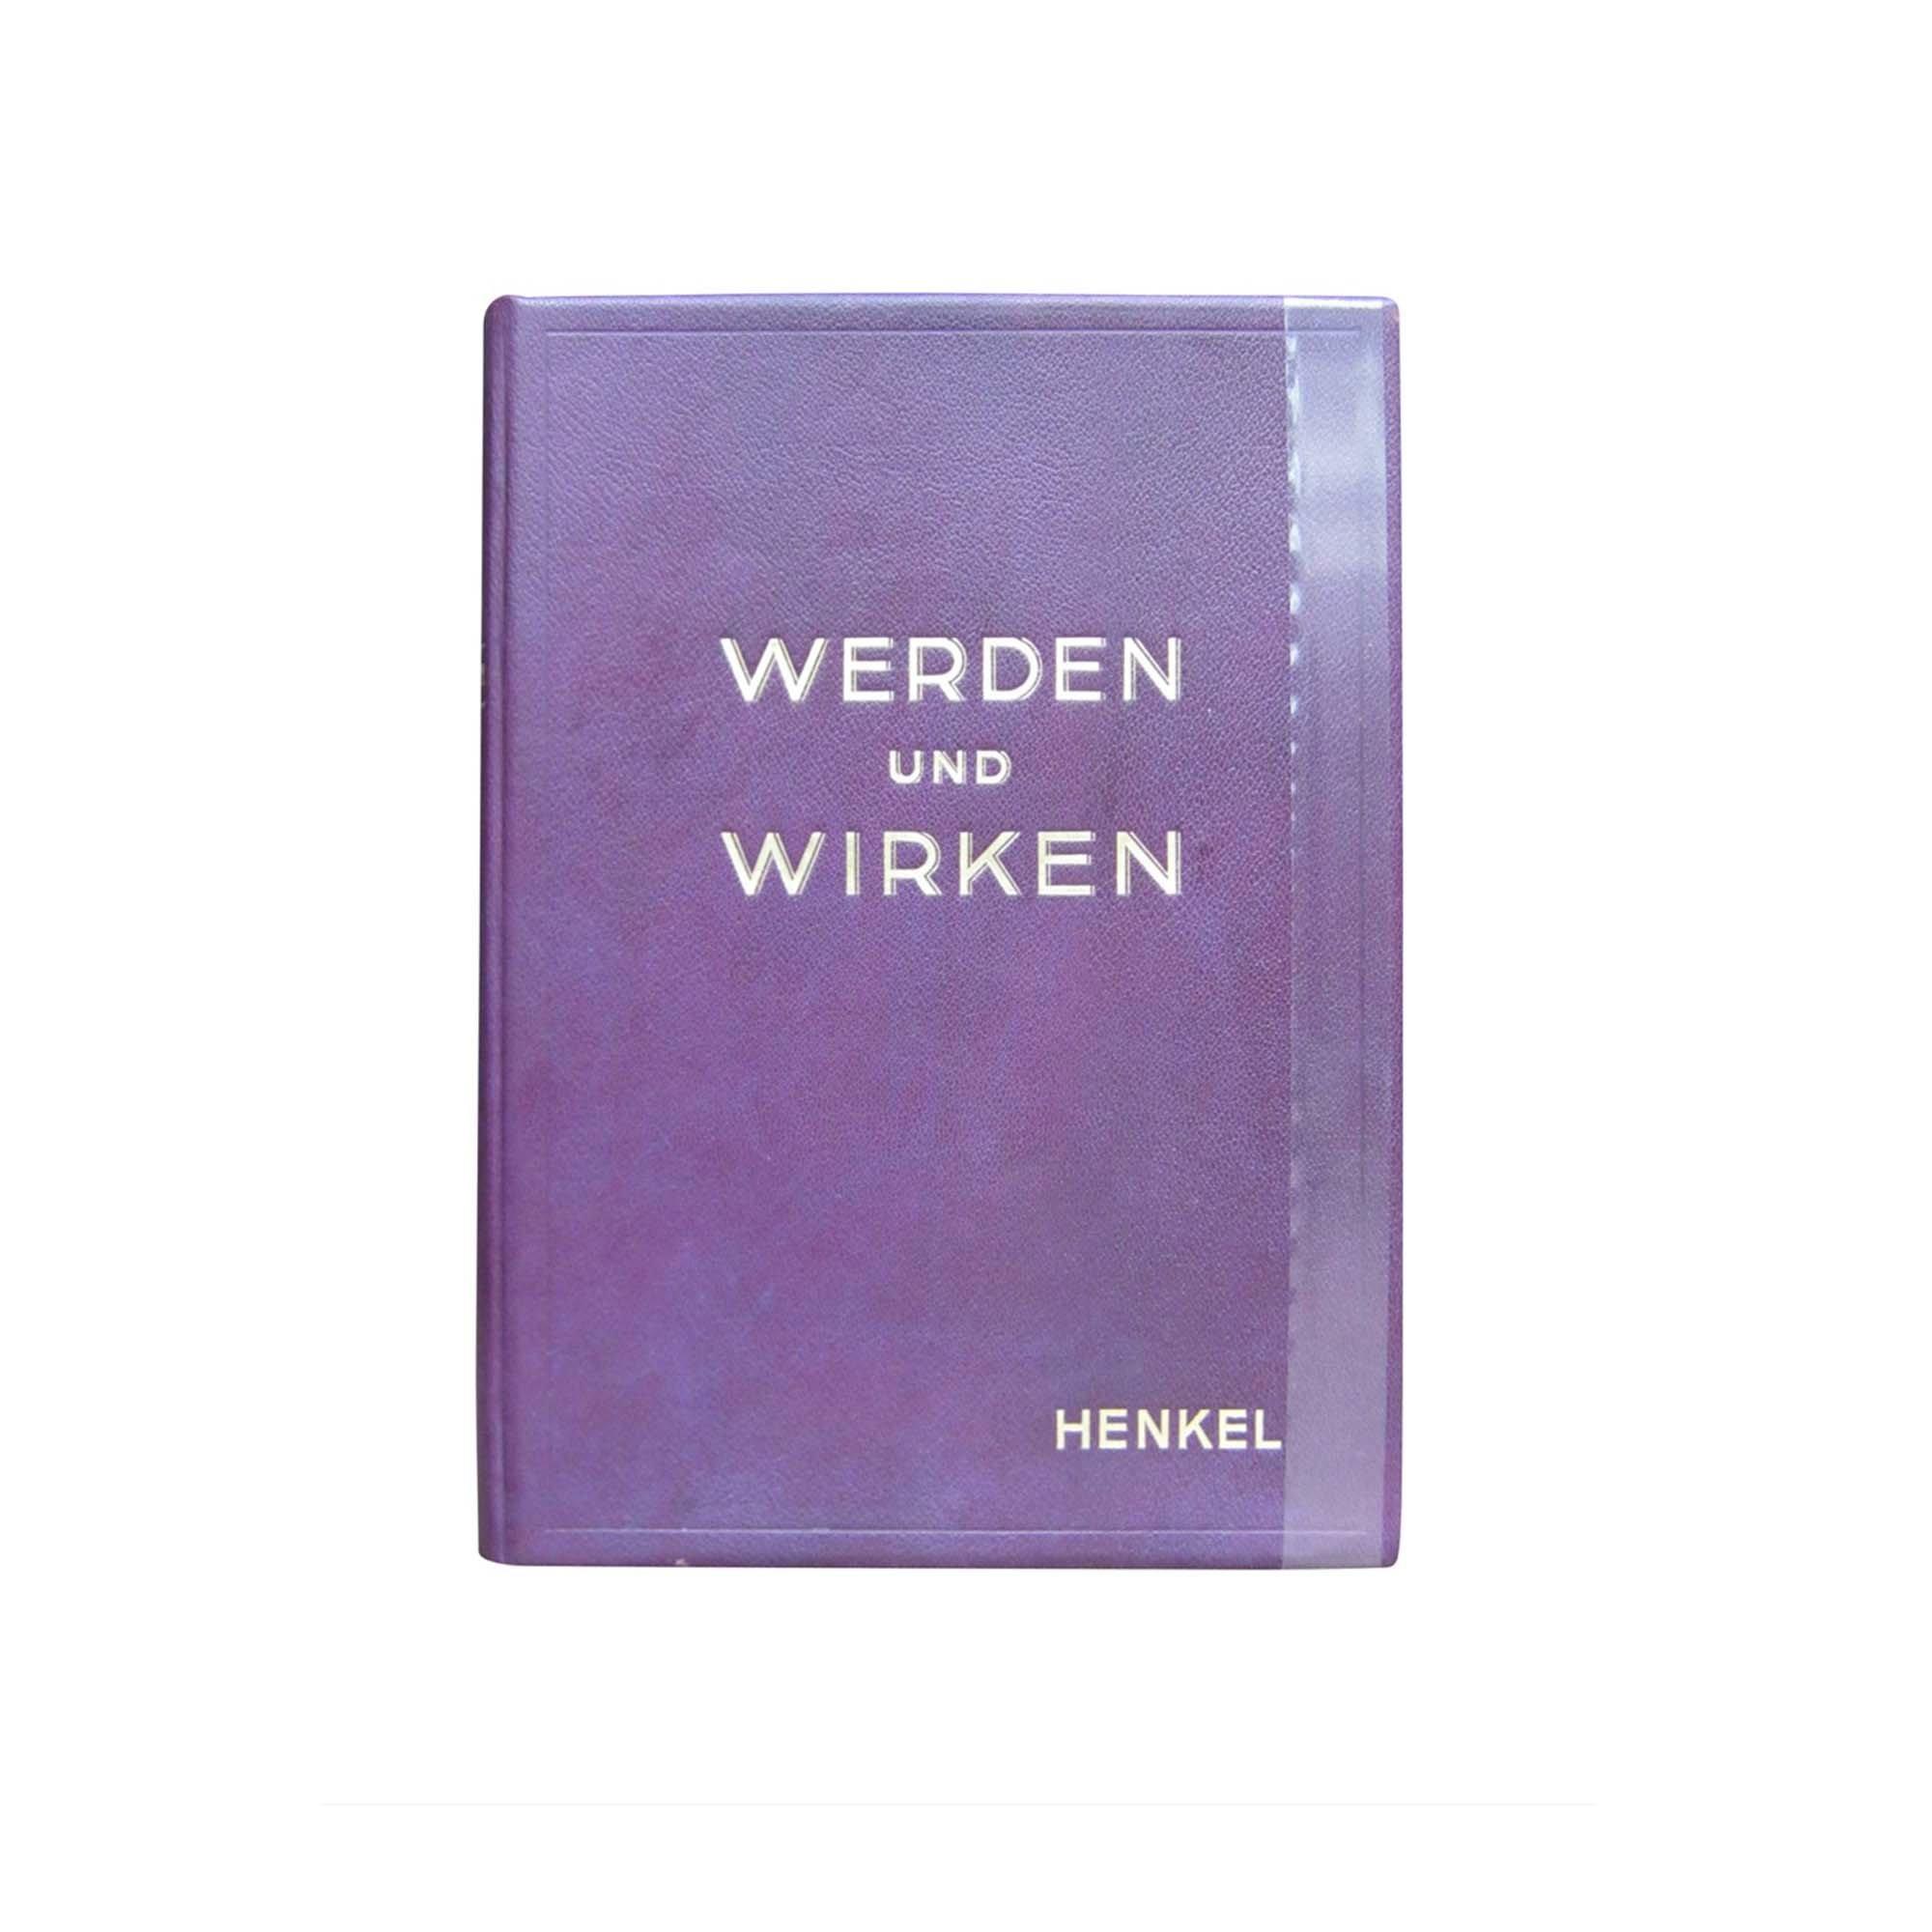 1201 Henkel Werden Wirken 1926 1 N